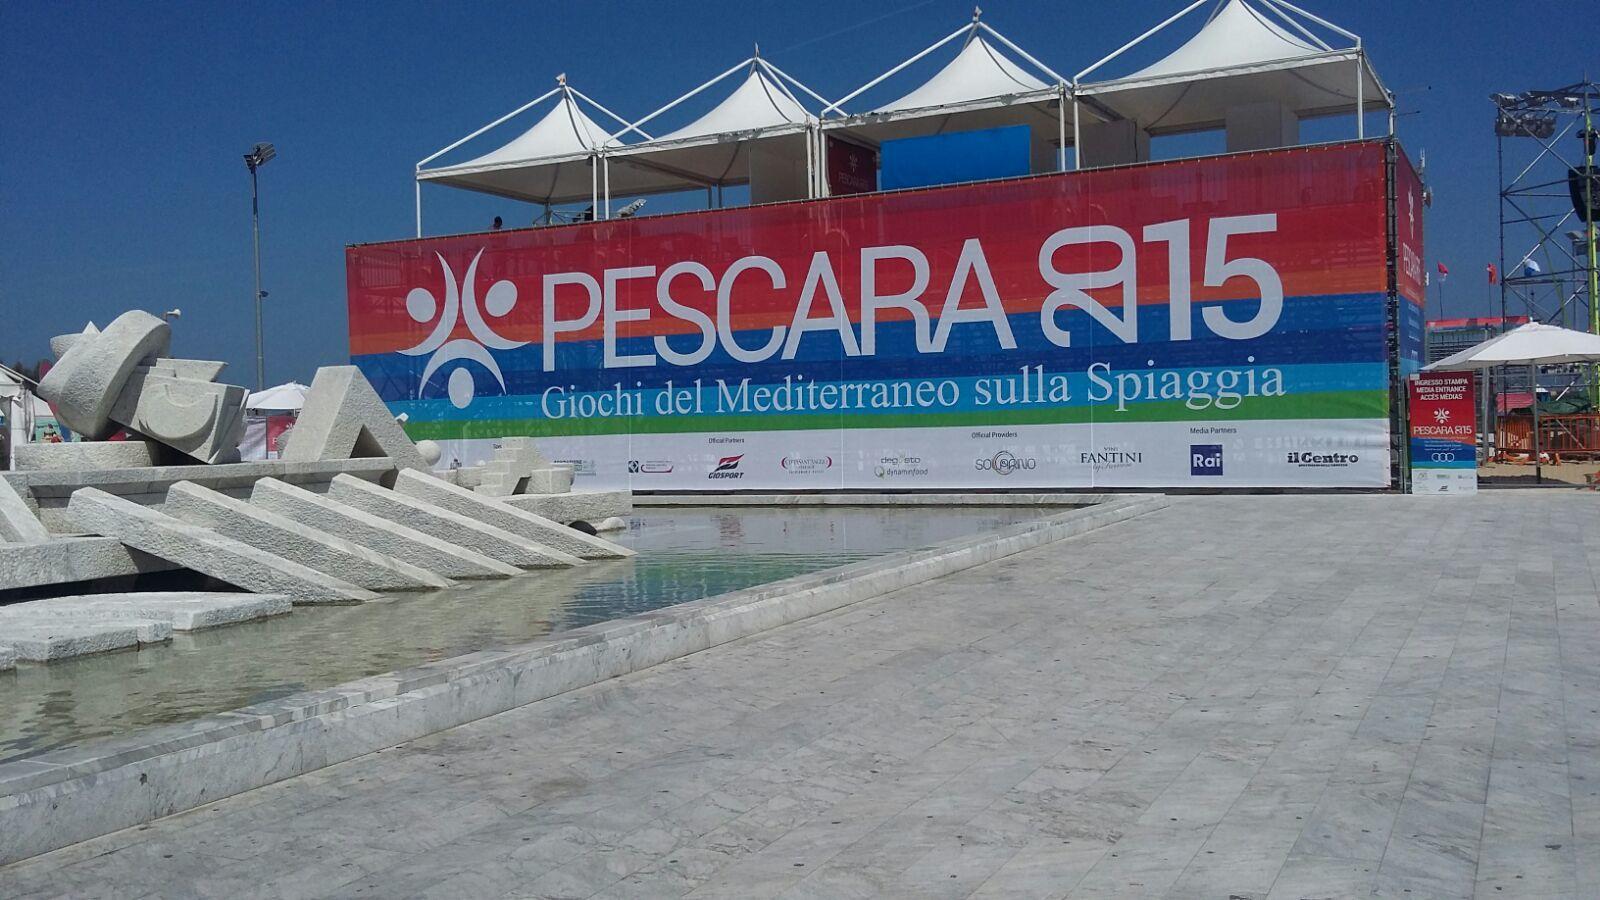 Pescara 2015